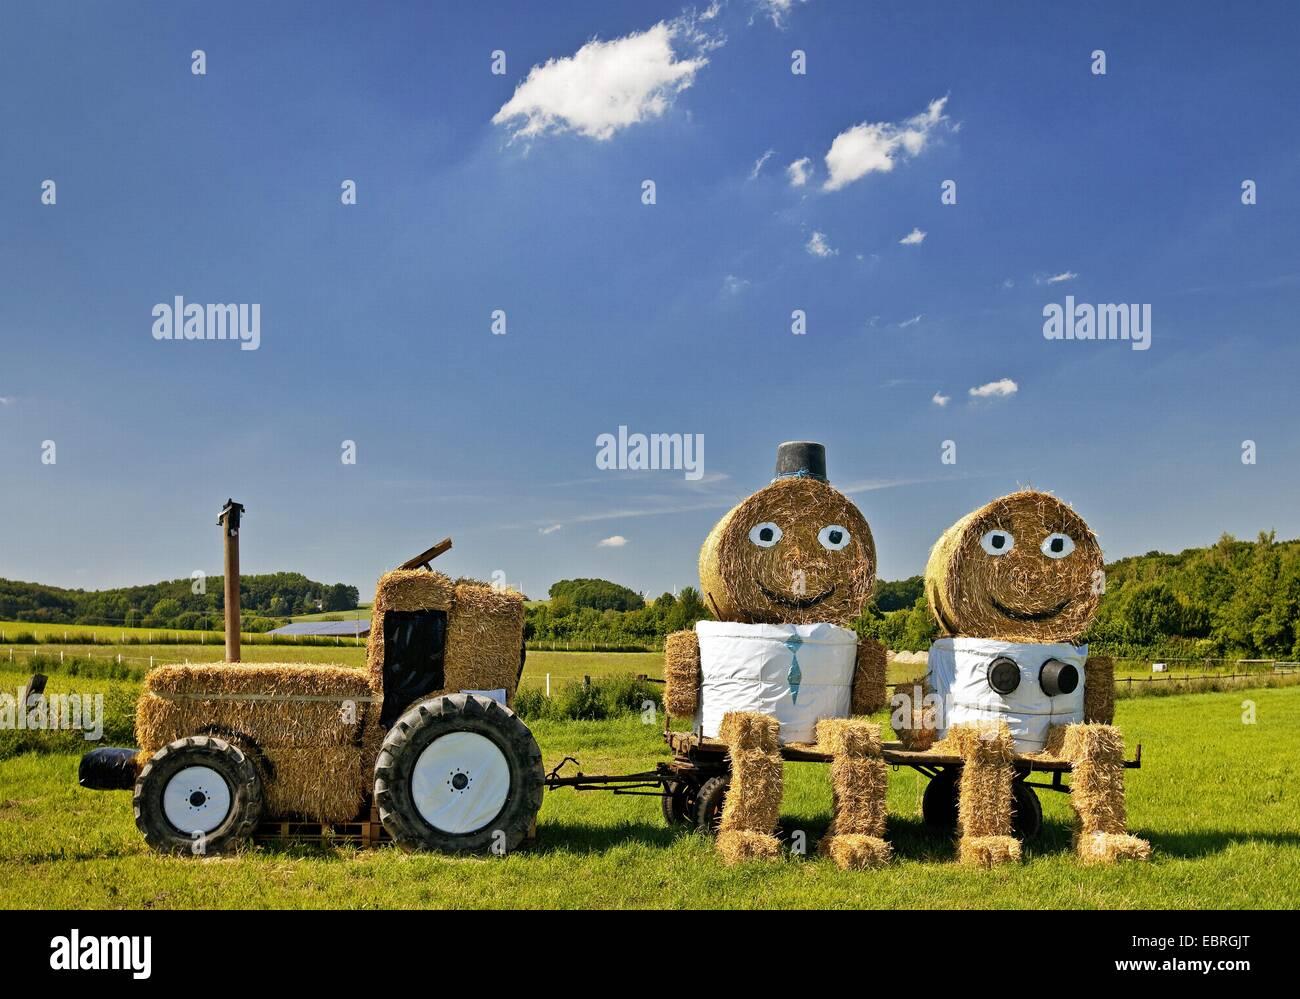 Il trattore e un giovane fatta di balle di paglia, in Germania, in Renania settentrionale-Vestfalia, Coesfeld Immagini Stock